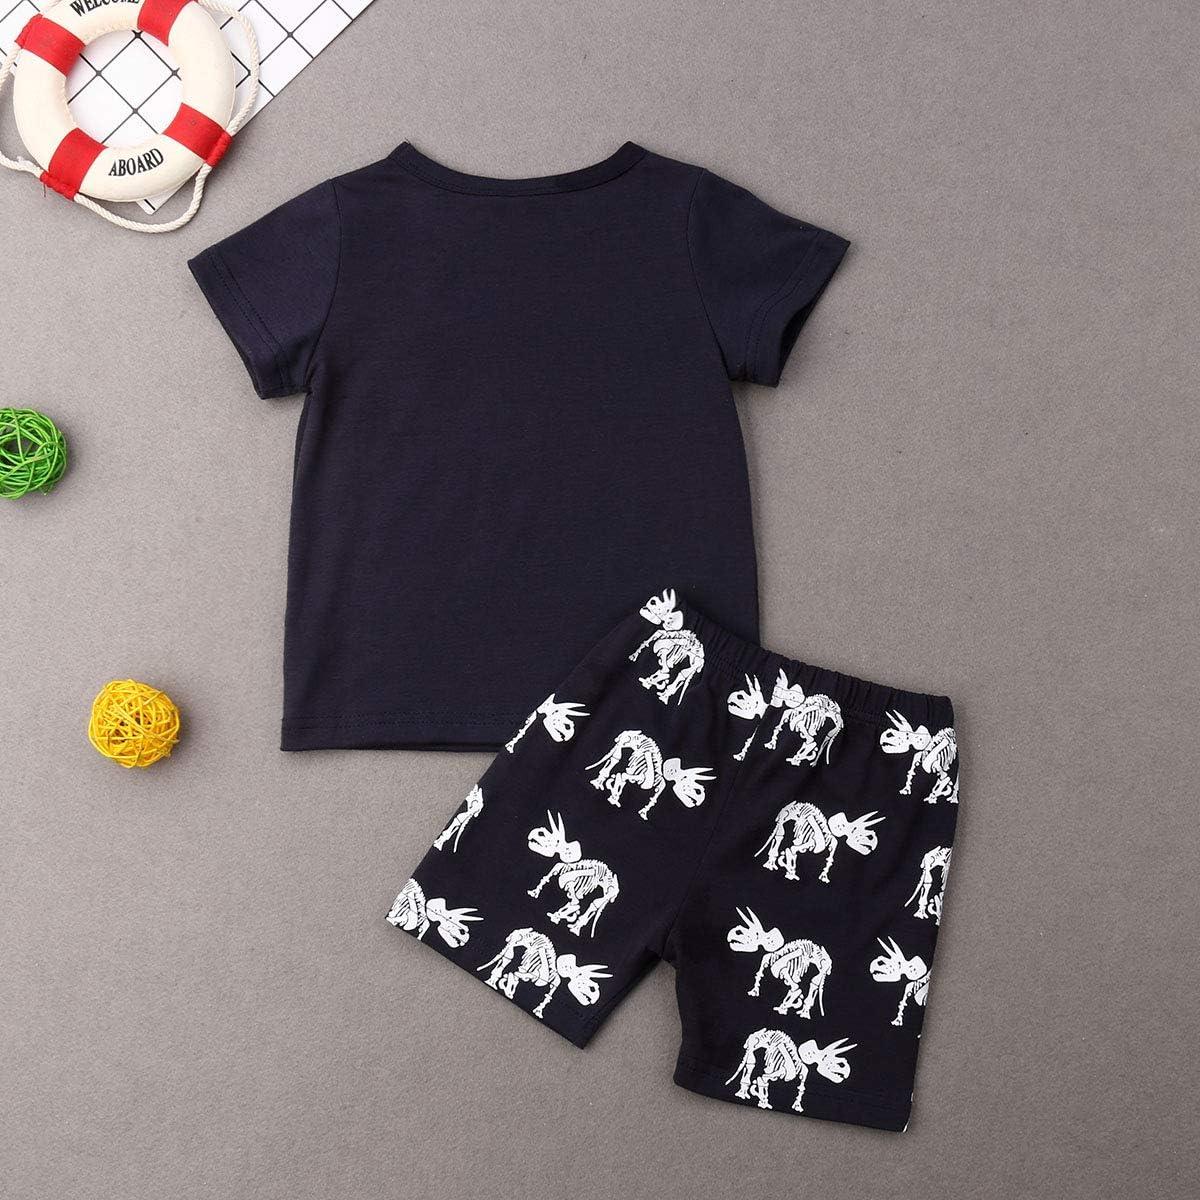 Pantaloncini Bambino Nero Carolilly Bambino Ragazzi Camicia Cime T-Shirt a Maniche Corte e Pantaloncini Set Coordinato 2 Pezzi Magliette Estive con Stampa Dinosauro